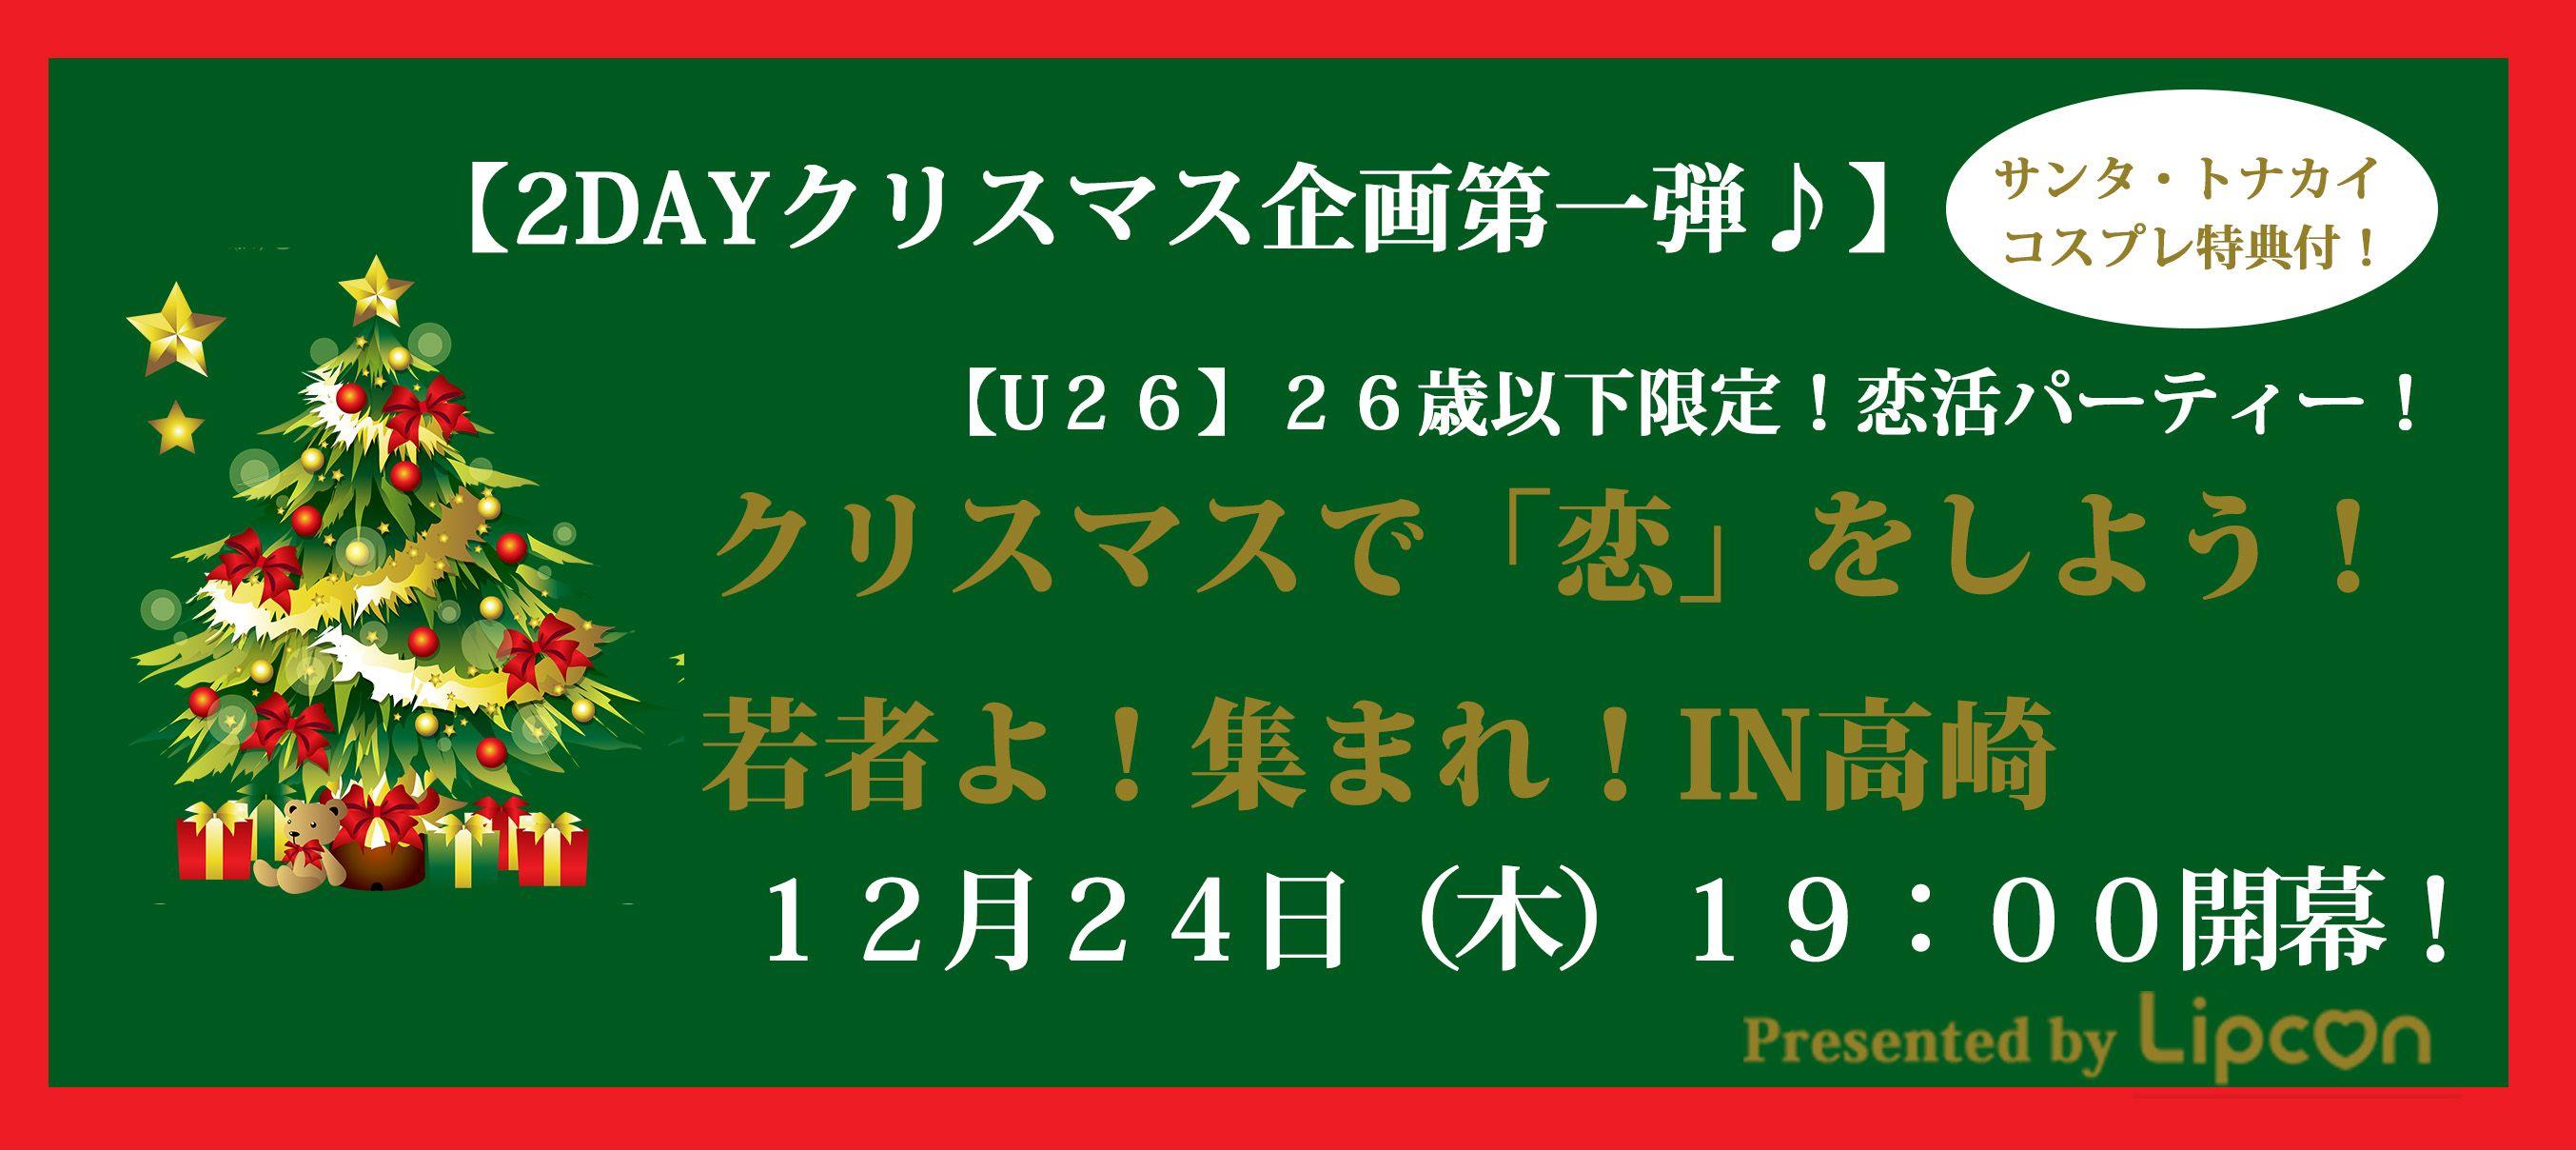 【群馬県その他の恋活パーティー】株式会社フィールドリッチ主催 2015年12月24日